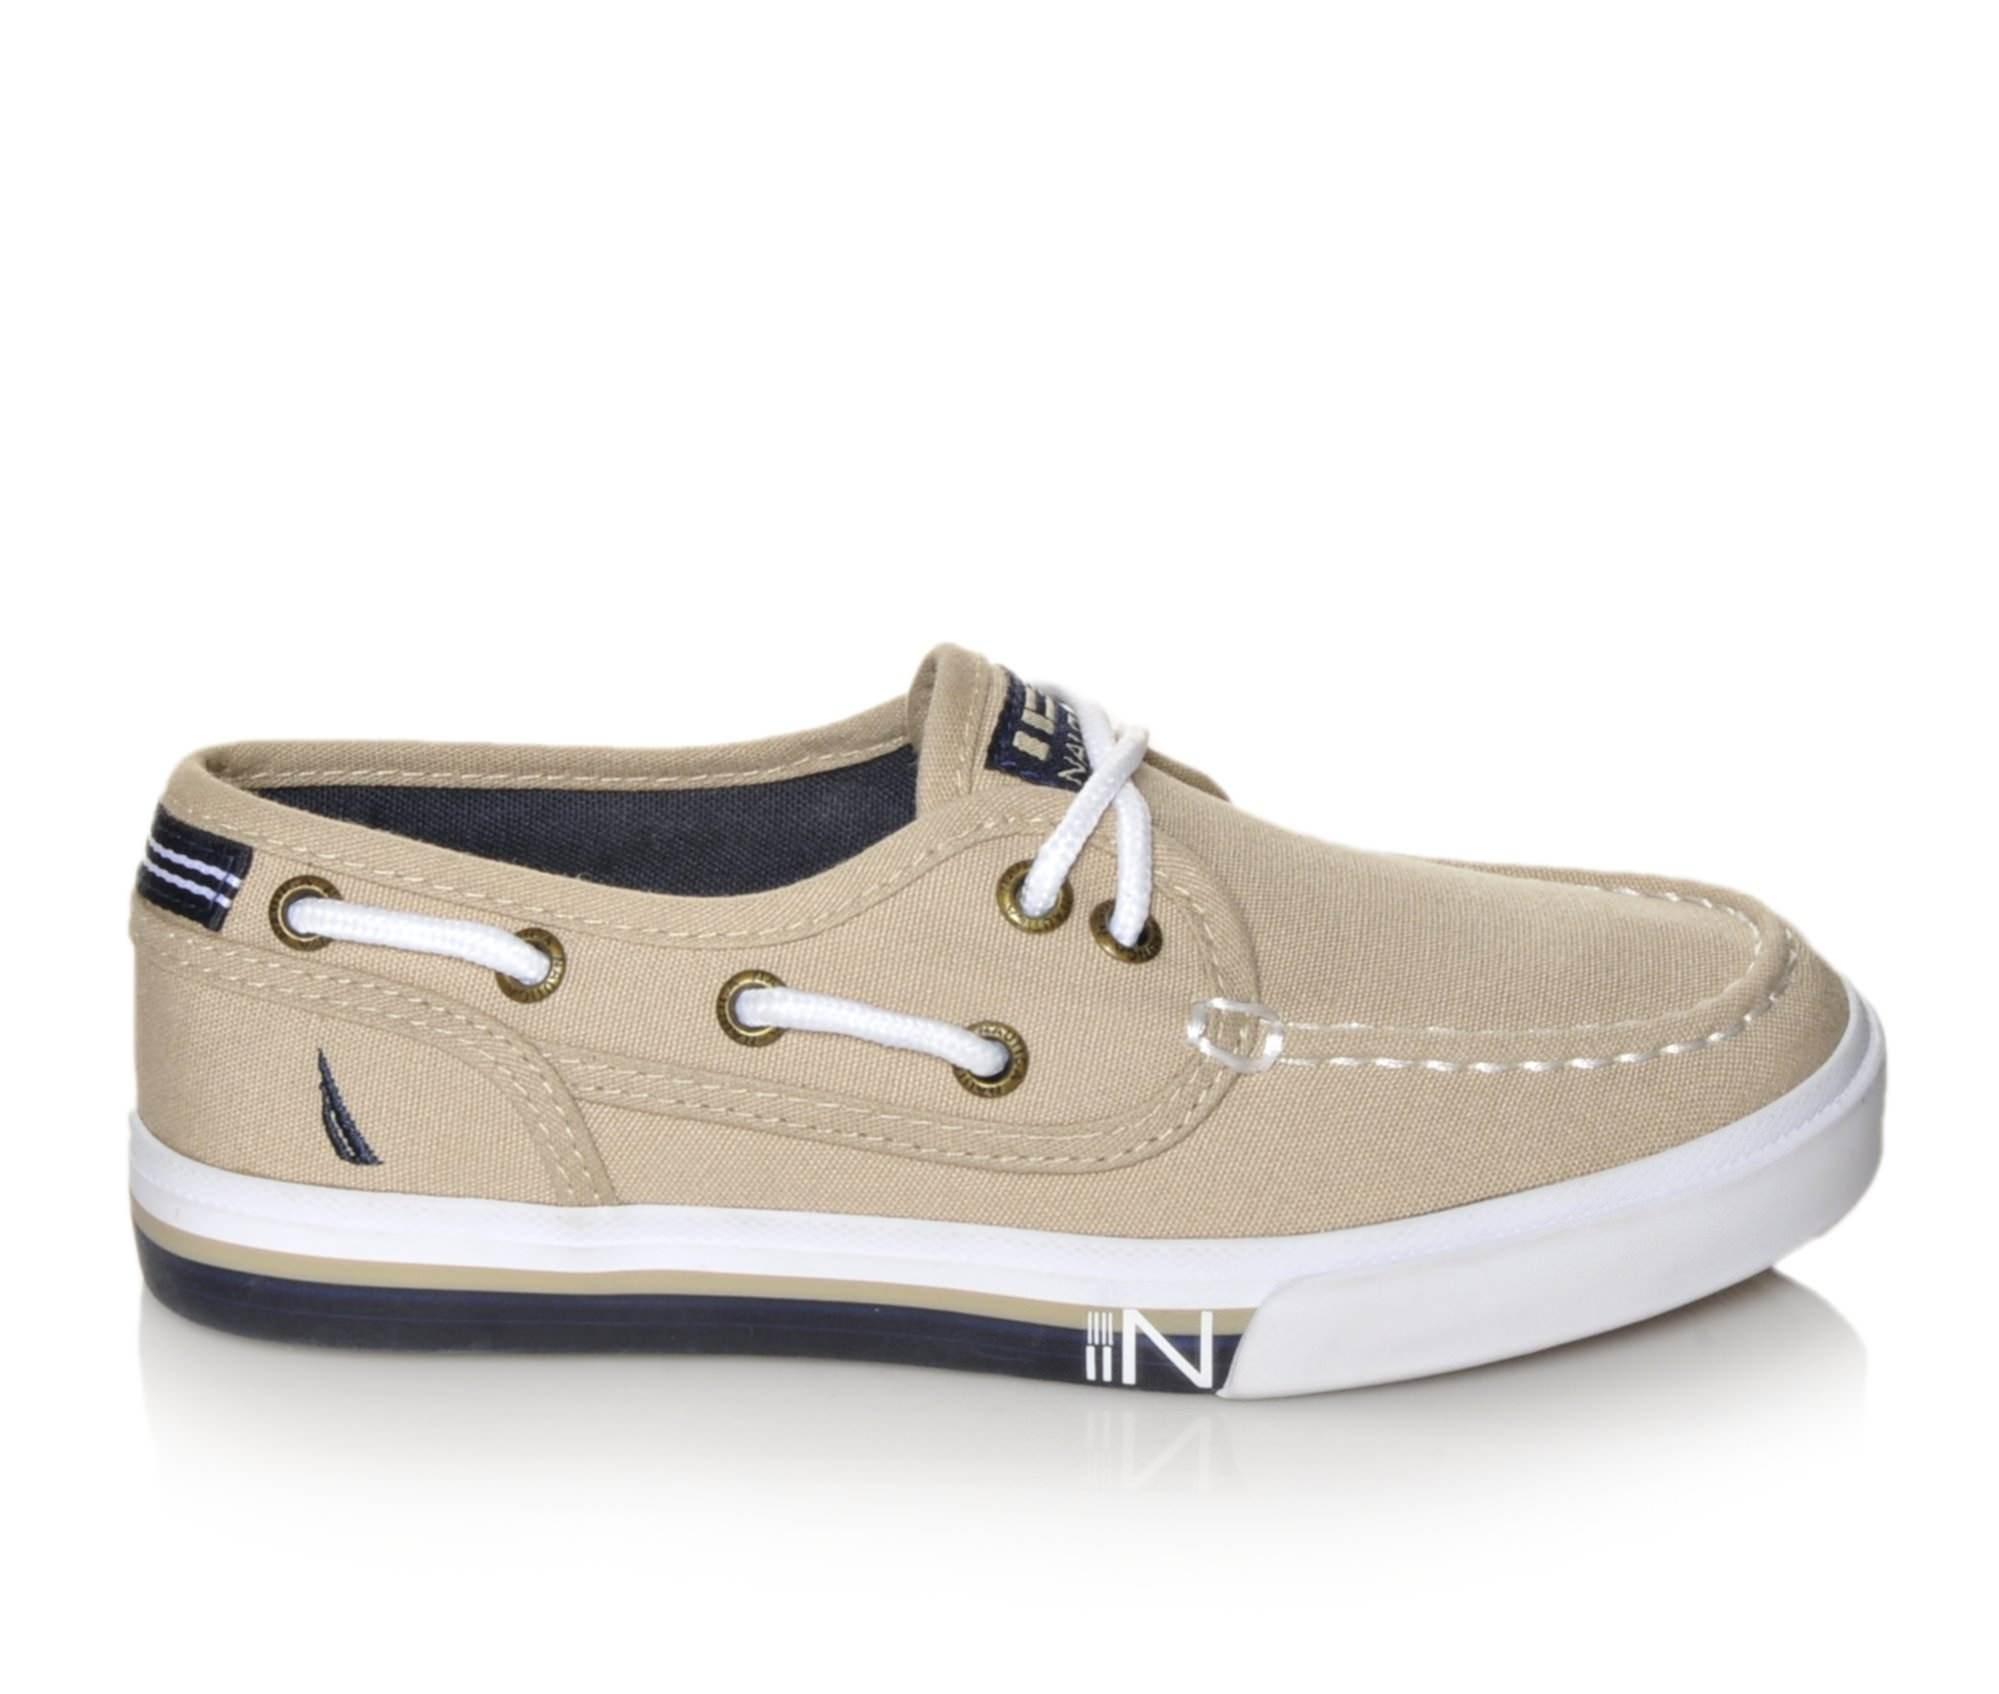 Boys' Nautica Spinnaker Boat Shoes (Beige)